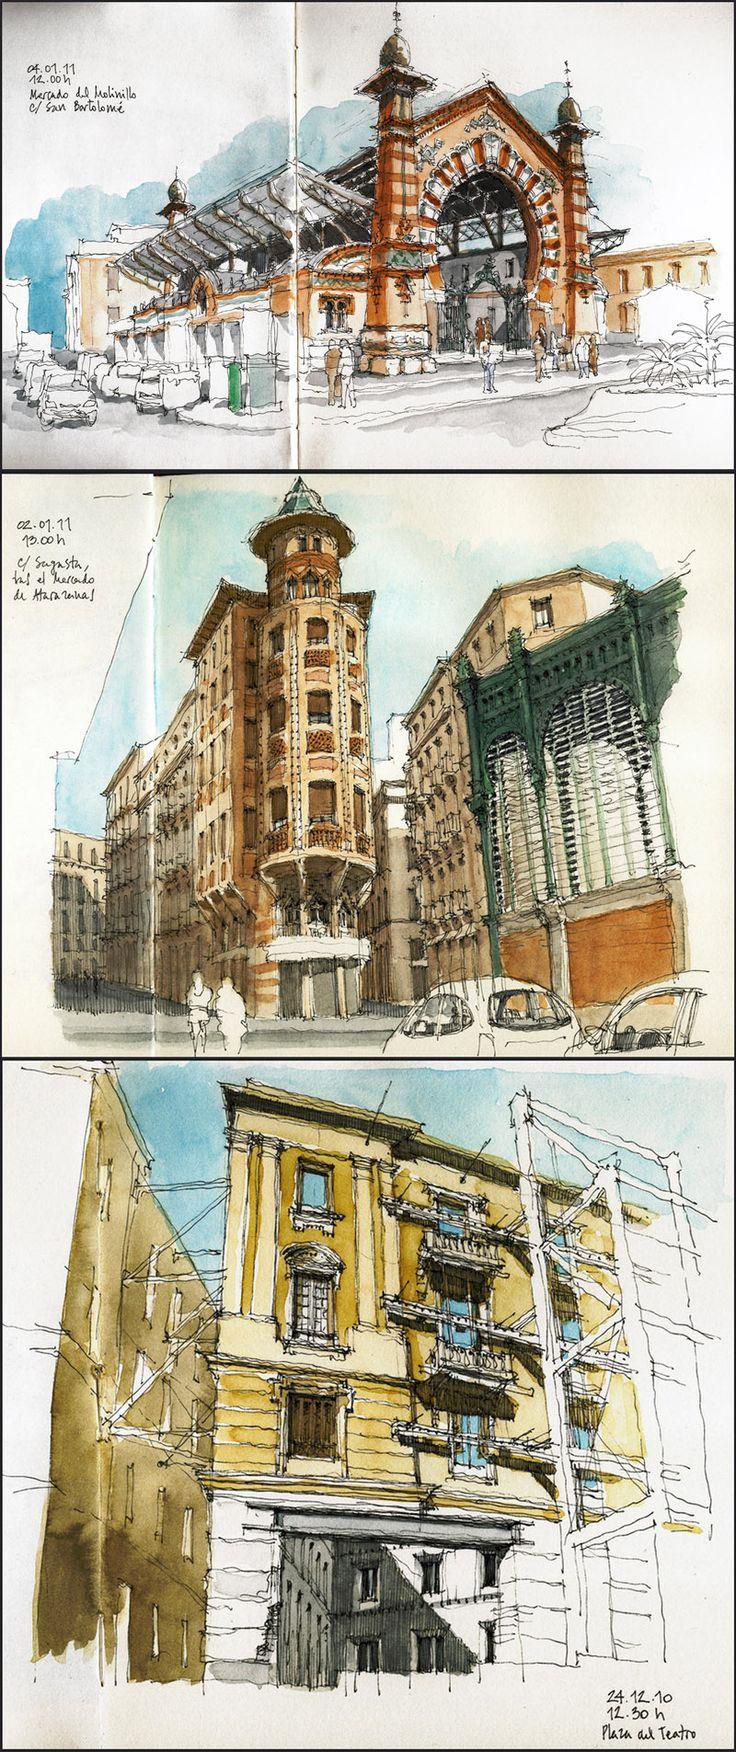 Luis Ruiz Padrón #urban #sketch #watercolor http://linesandcolors.com/2011/04/07/luis-ruiz/